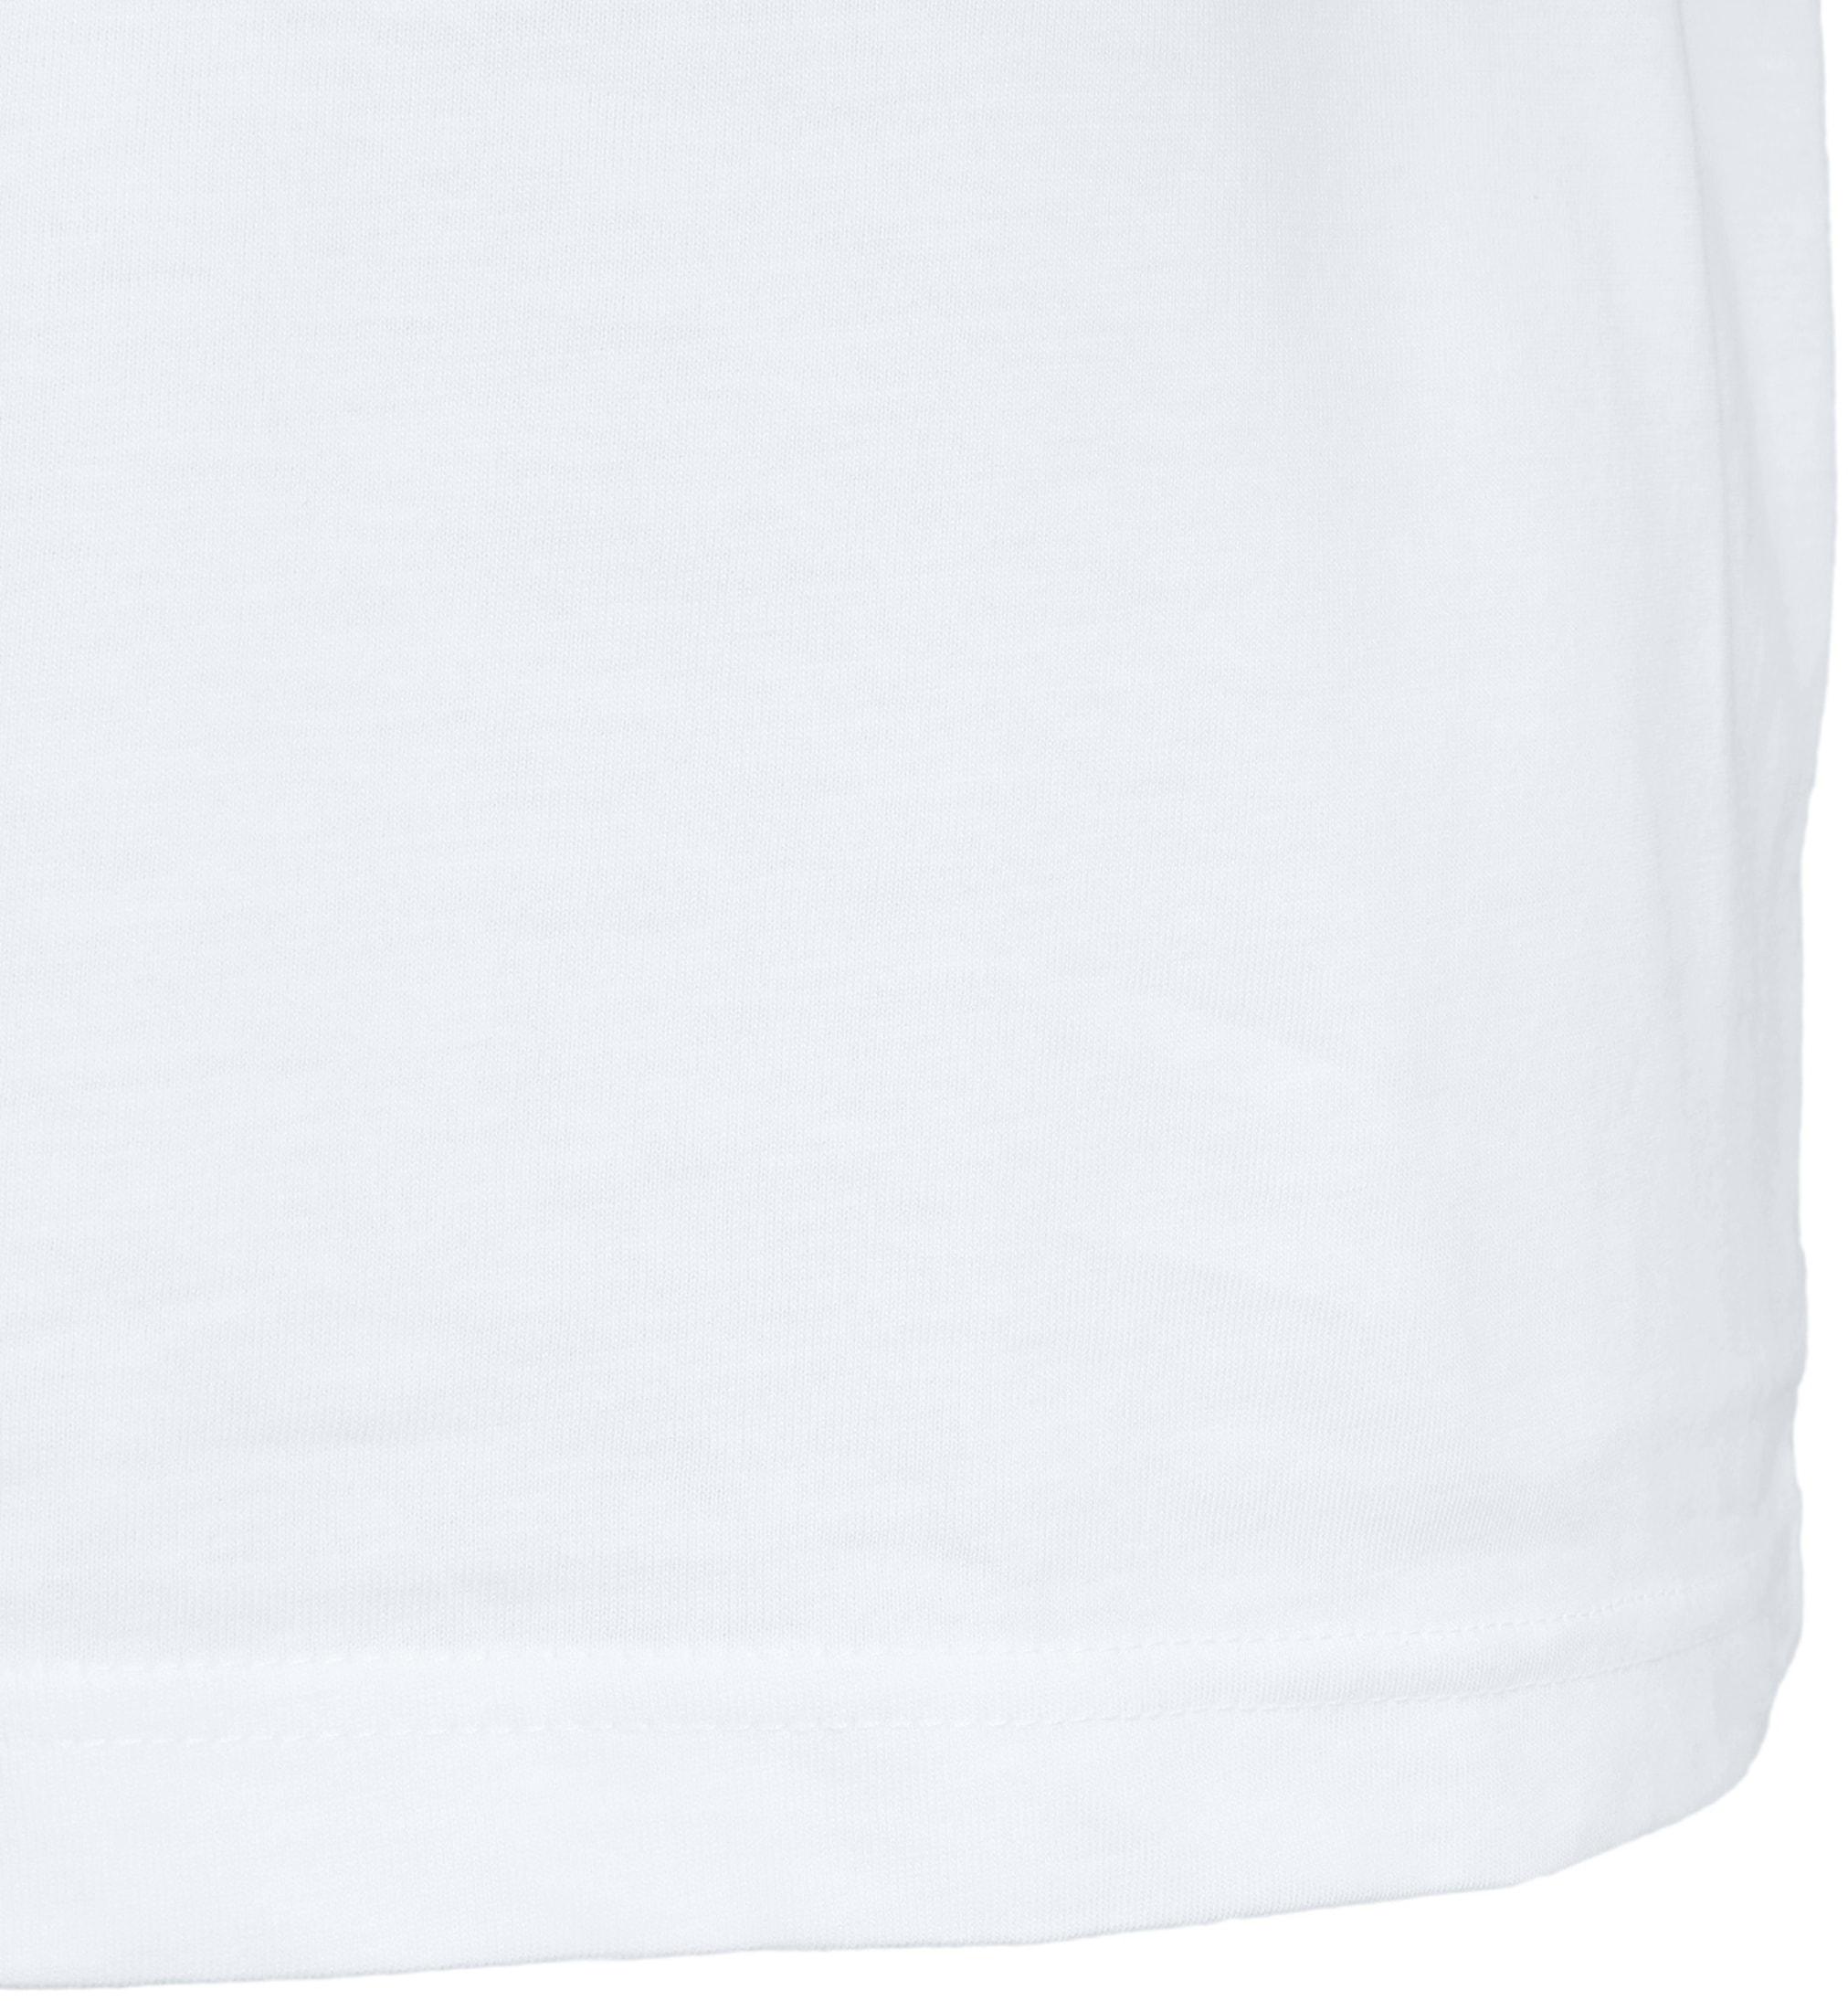 T-Shirt Breiter Rund Hals 6-Pack (6 Stück) Weiß foto 4